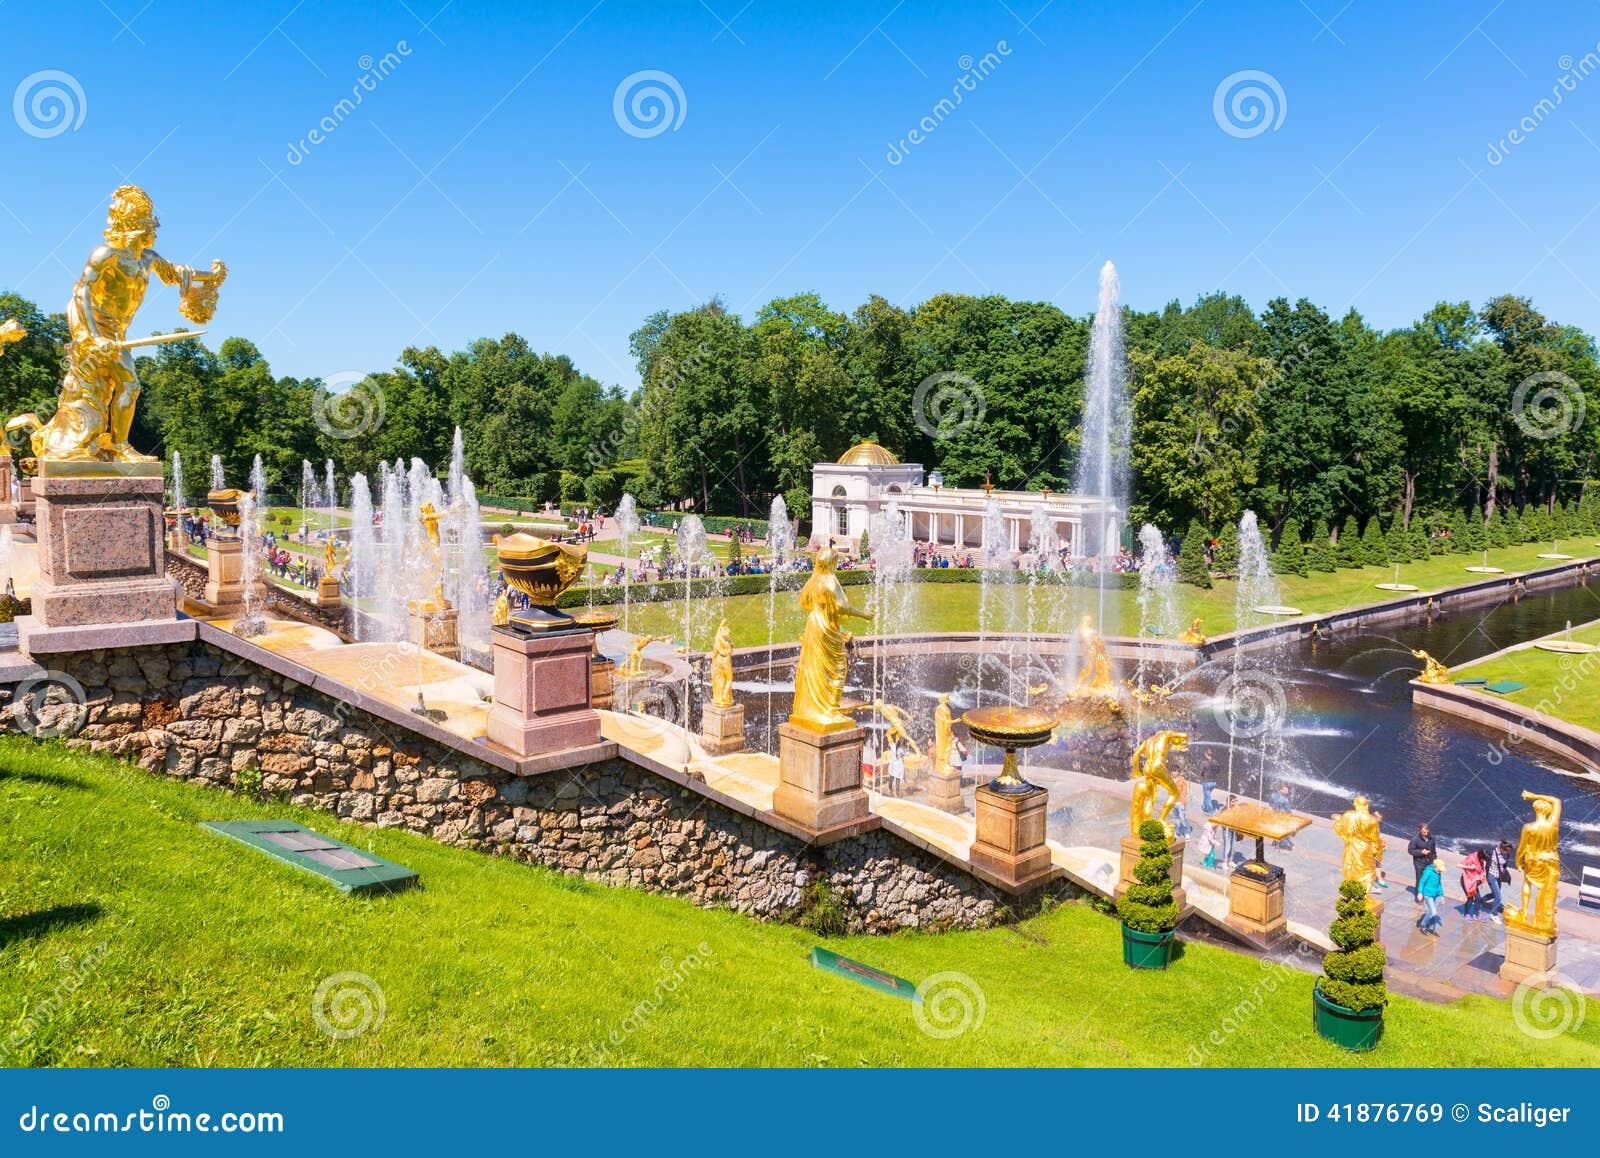 Grand Cascade in Peterhof Palace, Saint Petersburg